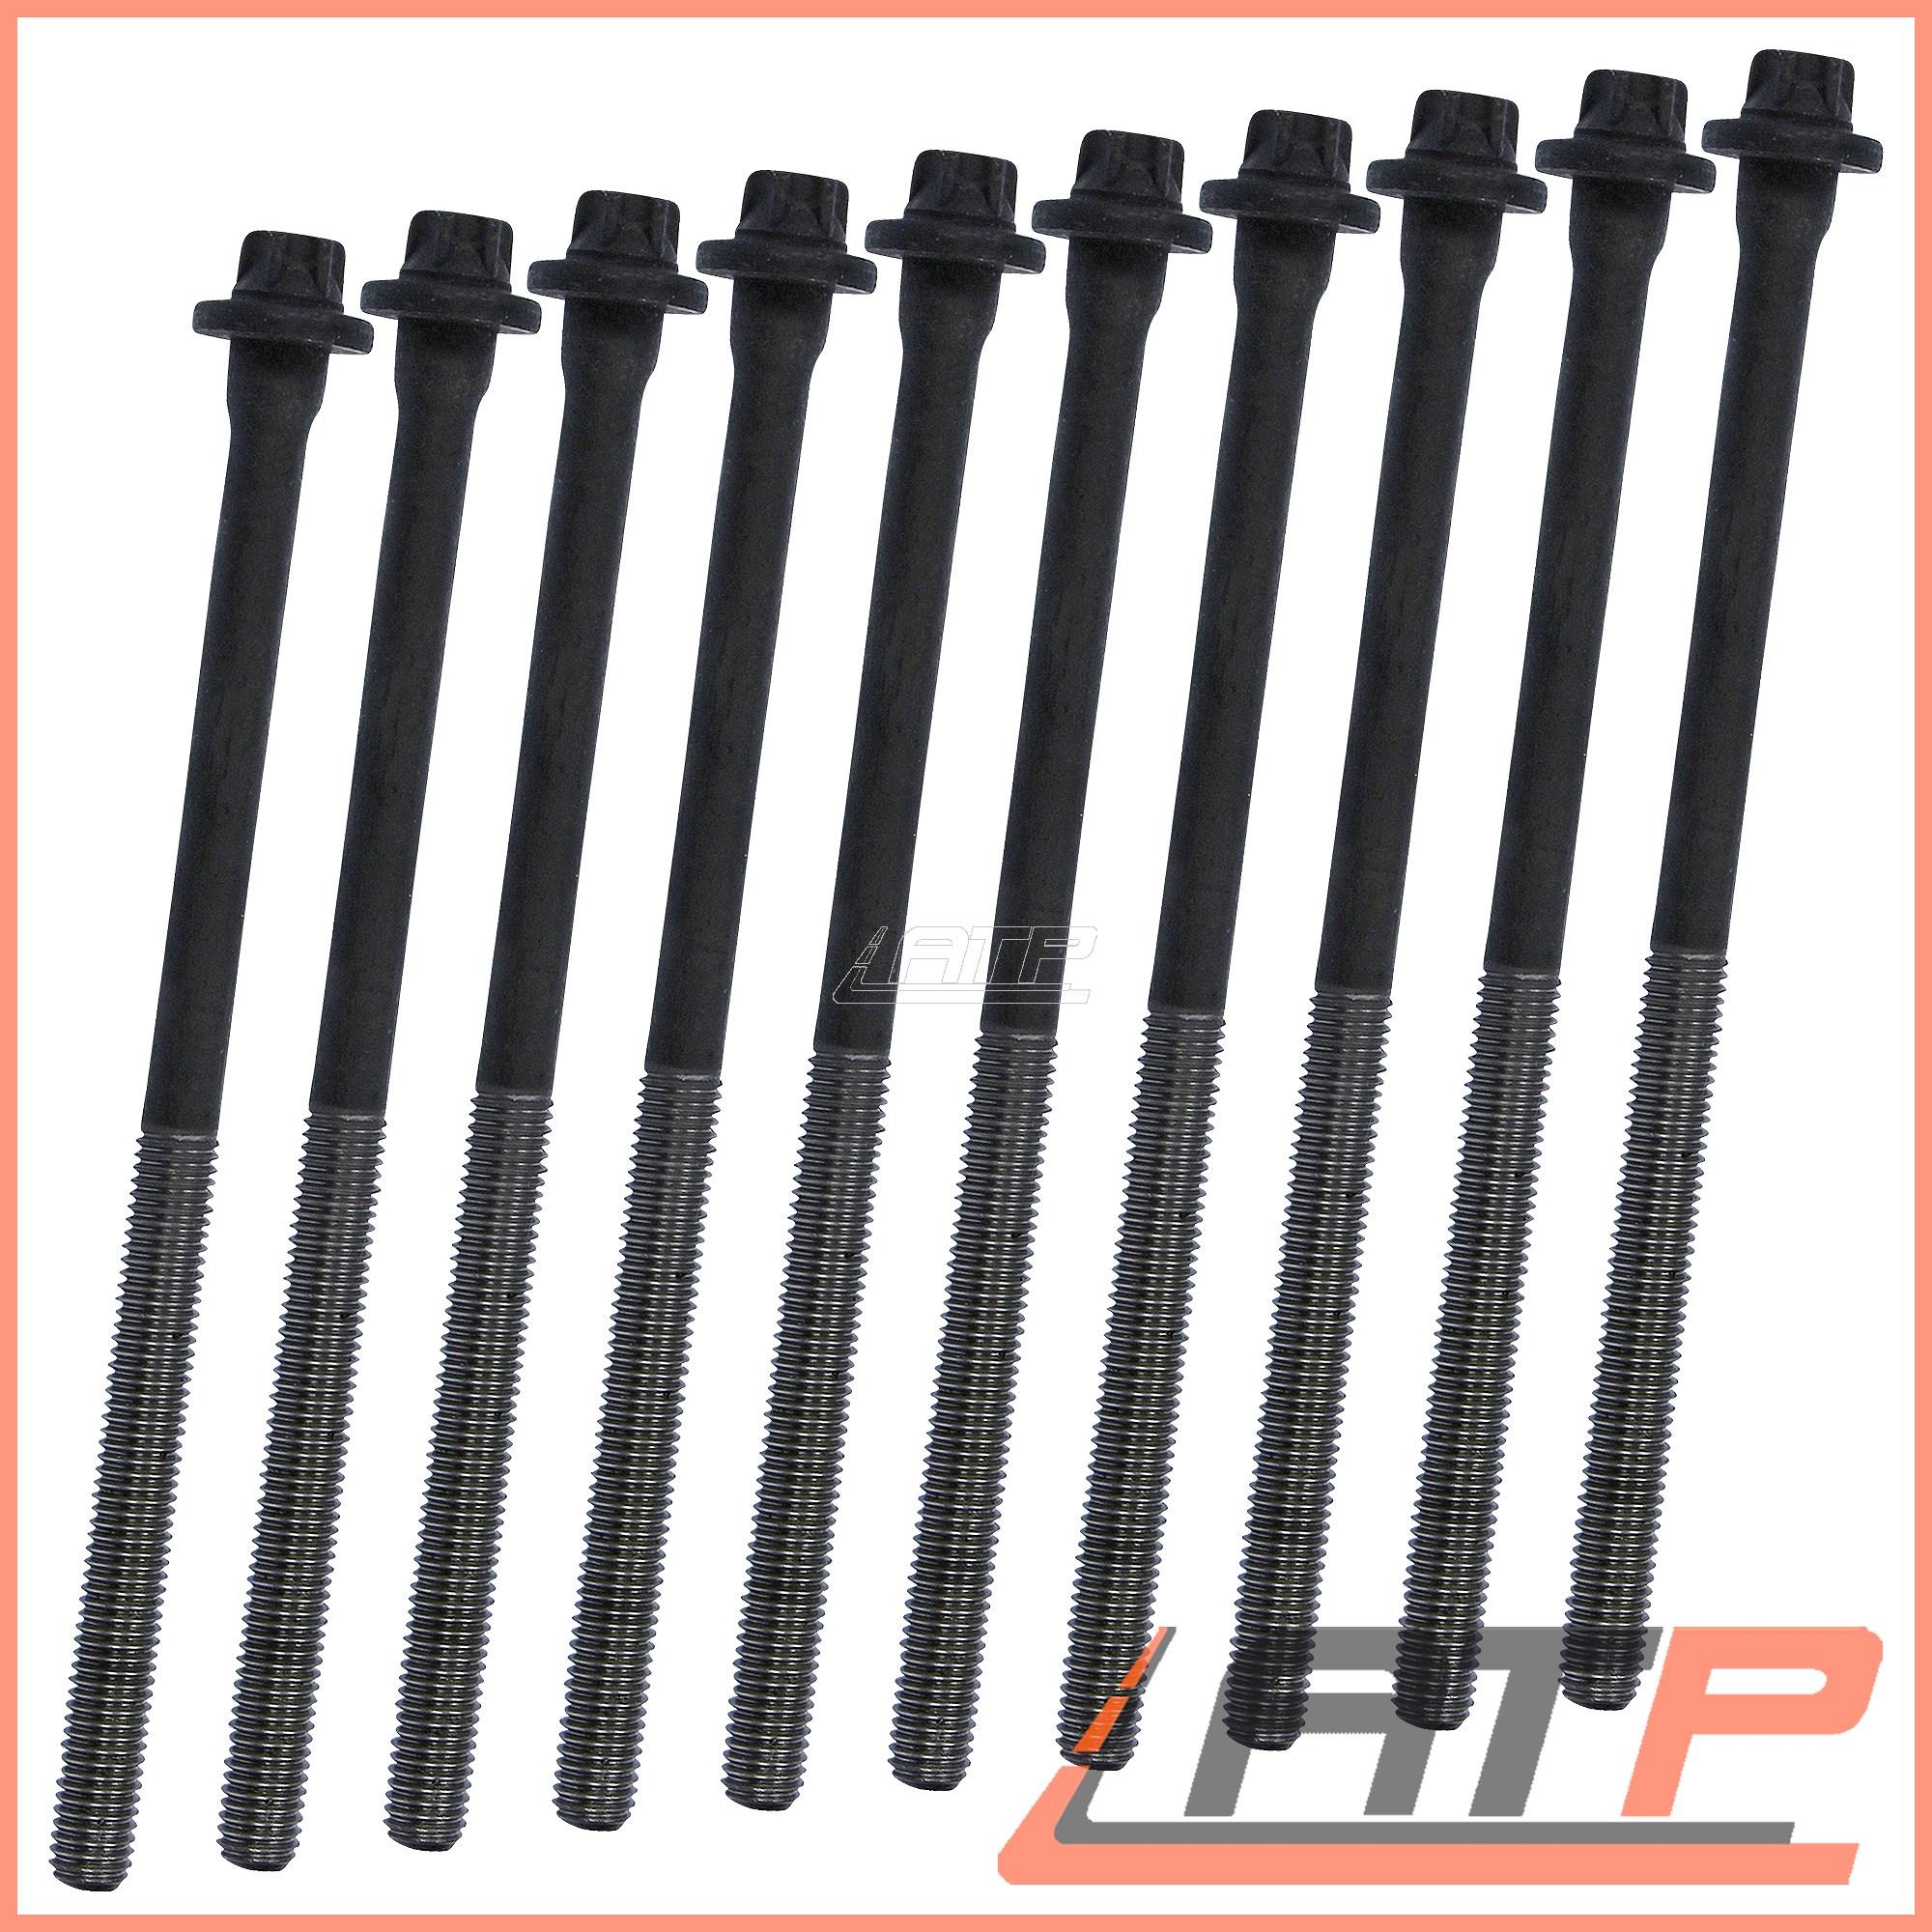 1X-Elring-Junta-De-Culata-kit-de-perno-Peugeot-206-SW-98-1-1 miniatura 4